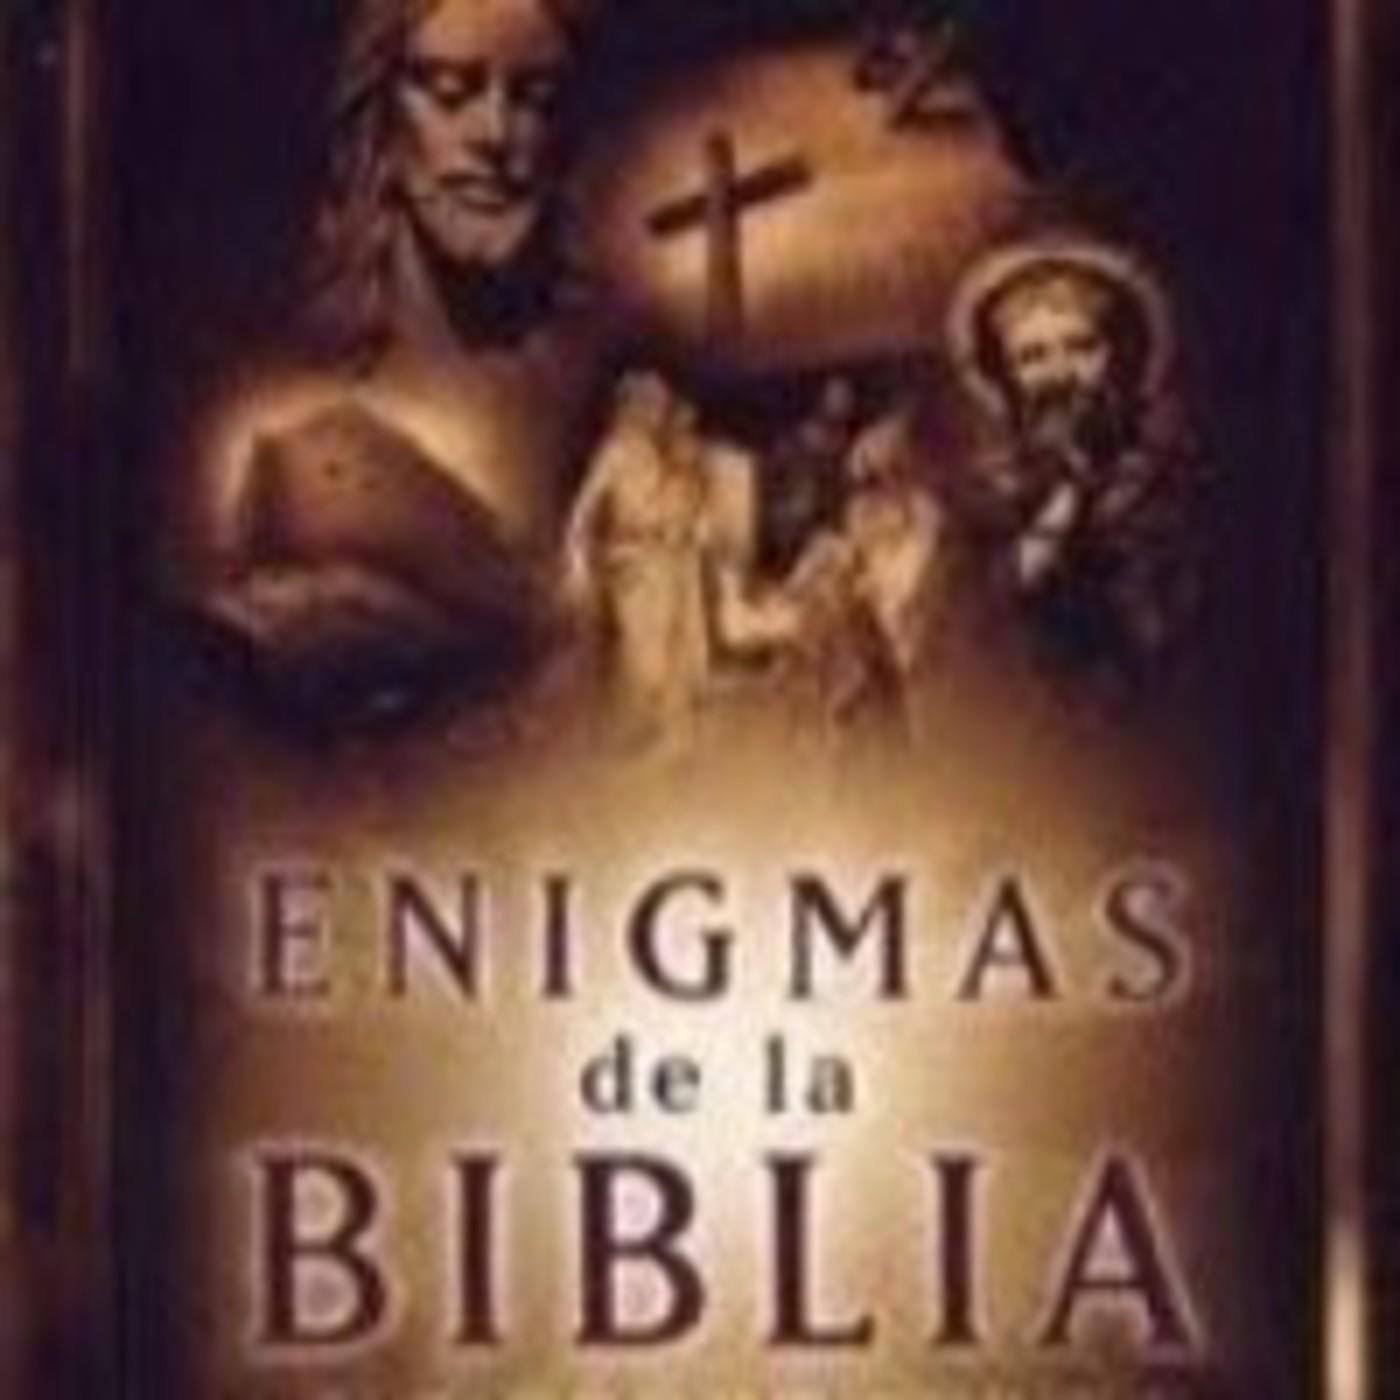 Los enigmas de La Biblia (serie completa)